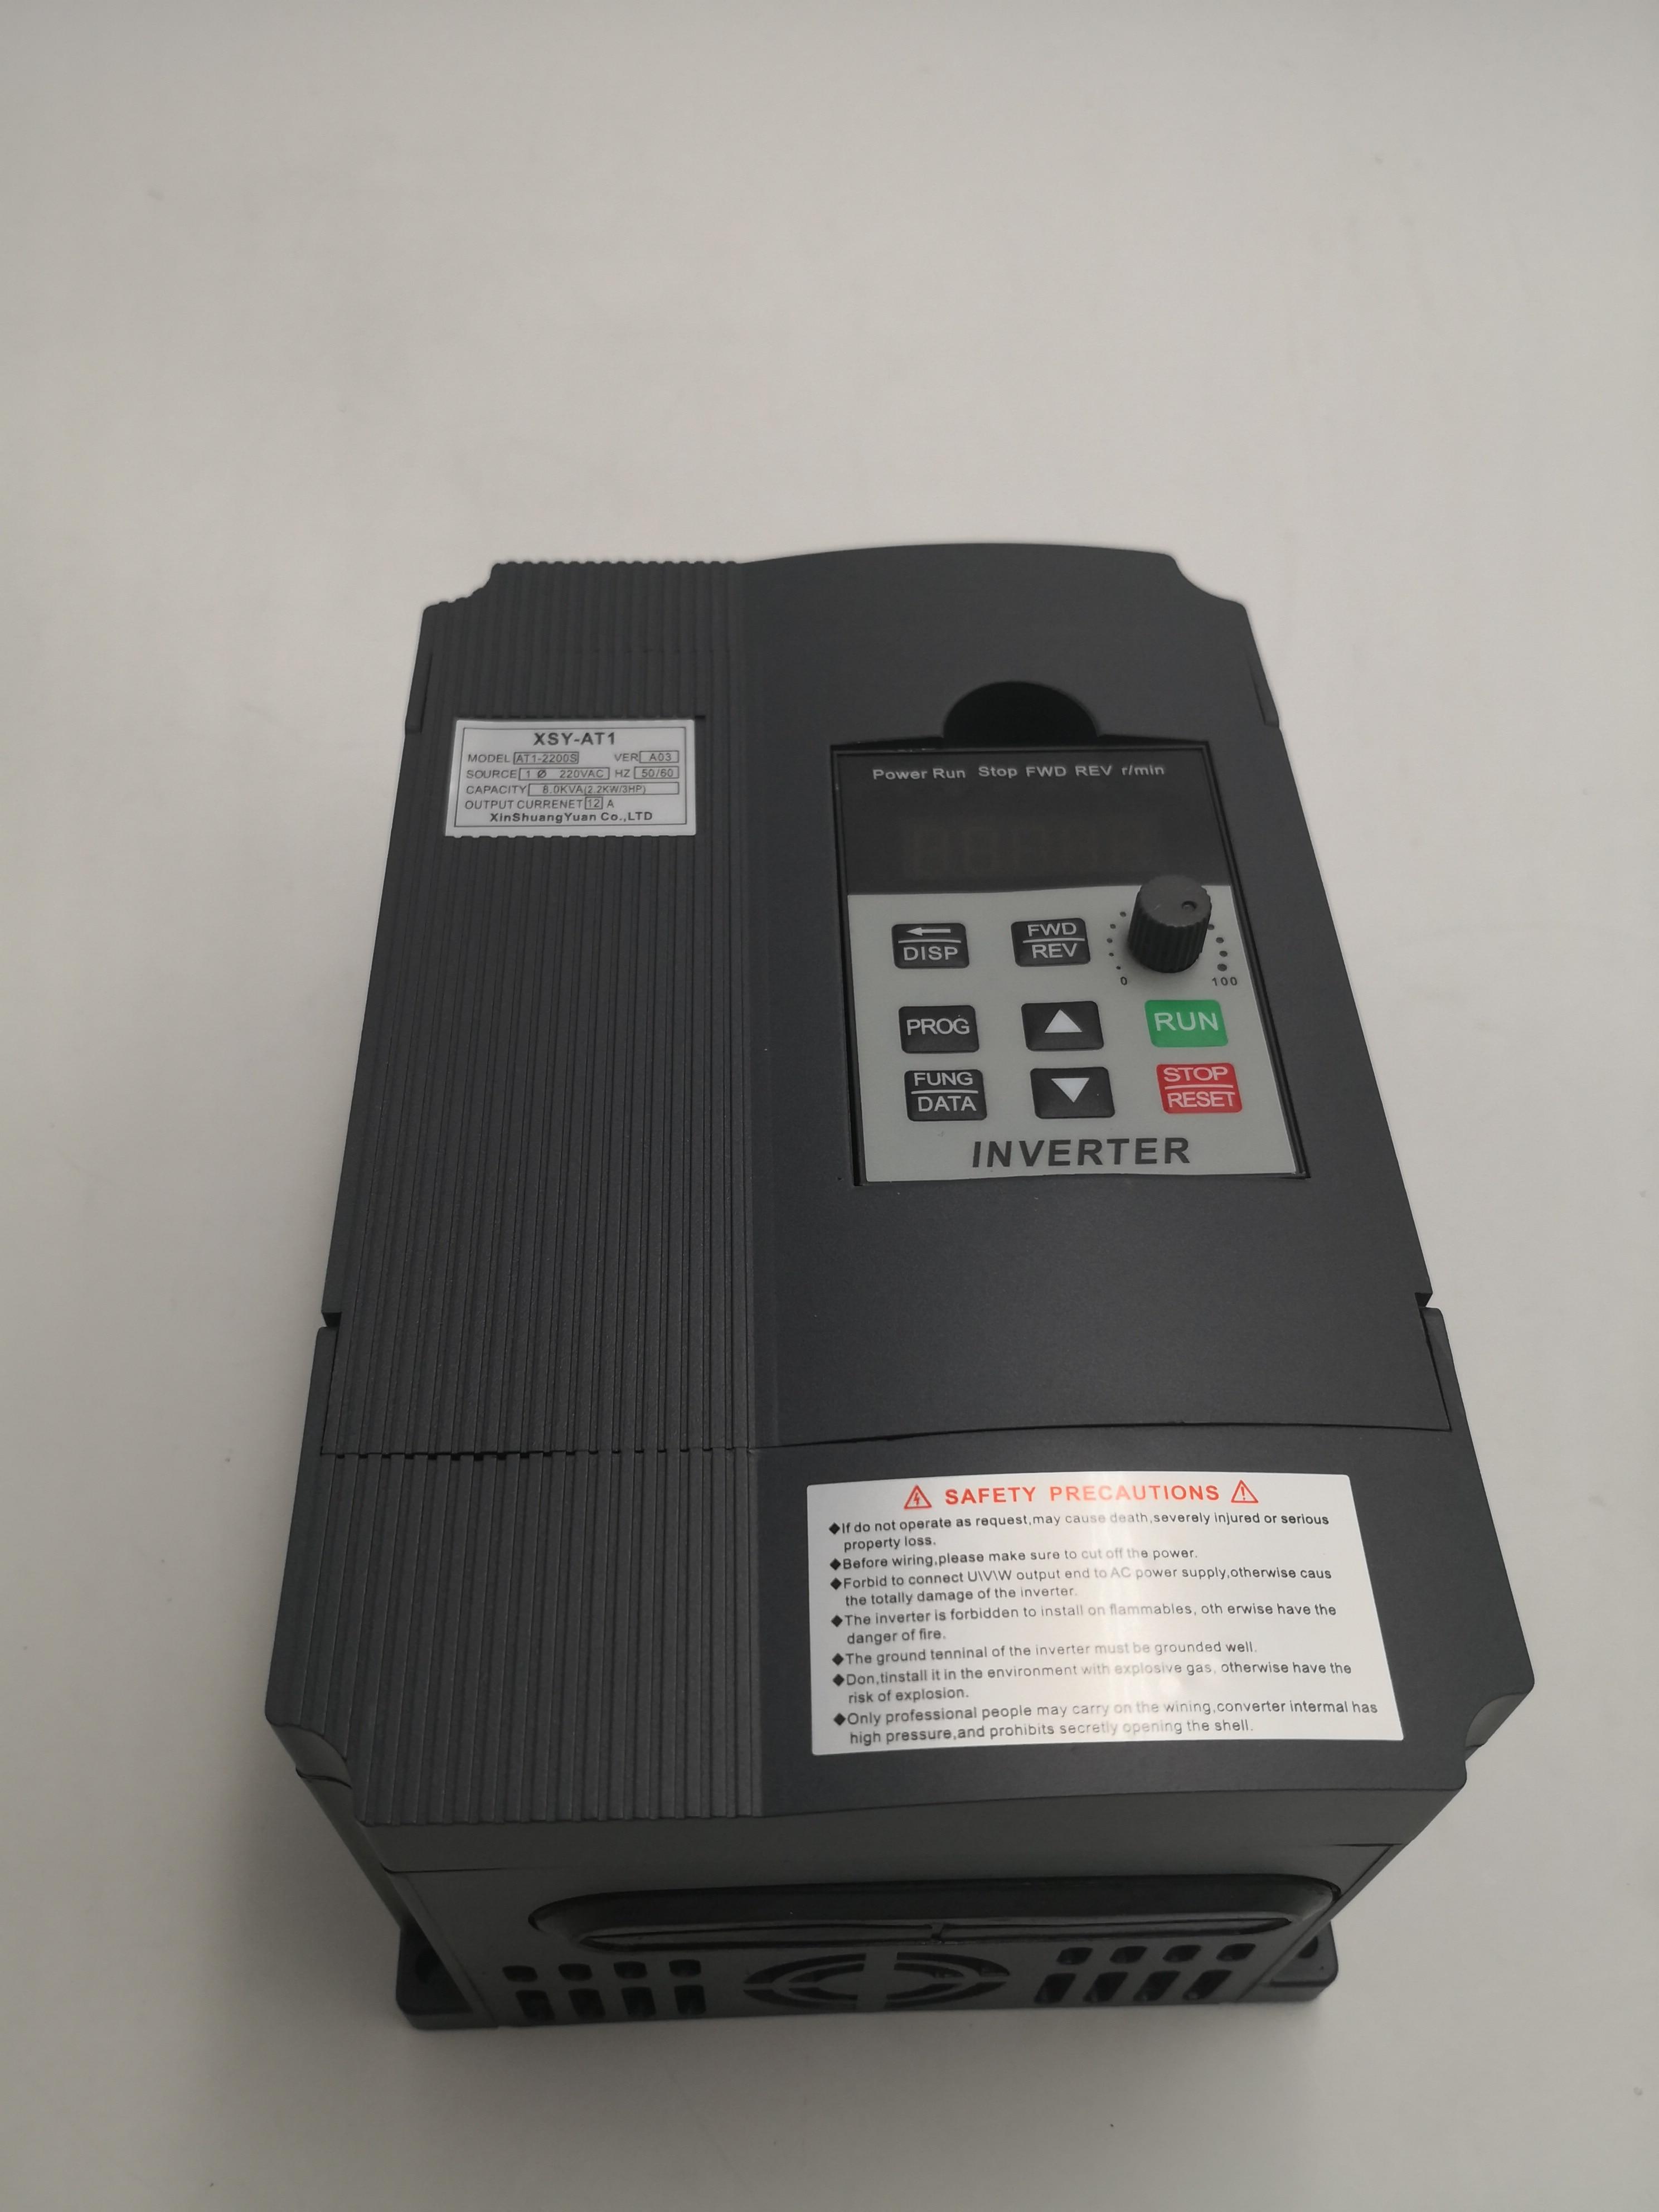 VFD 1.5kKW/2.2KW/4KW inversor XSY-AT1 monofásica inversor de Freqüência 220v Input-três fases de Saída do motor controlador de velocidade